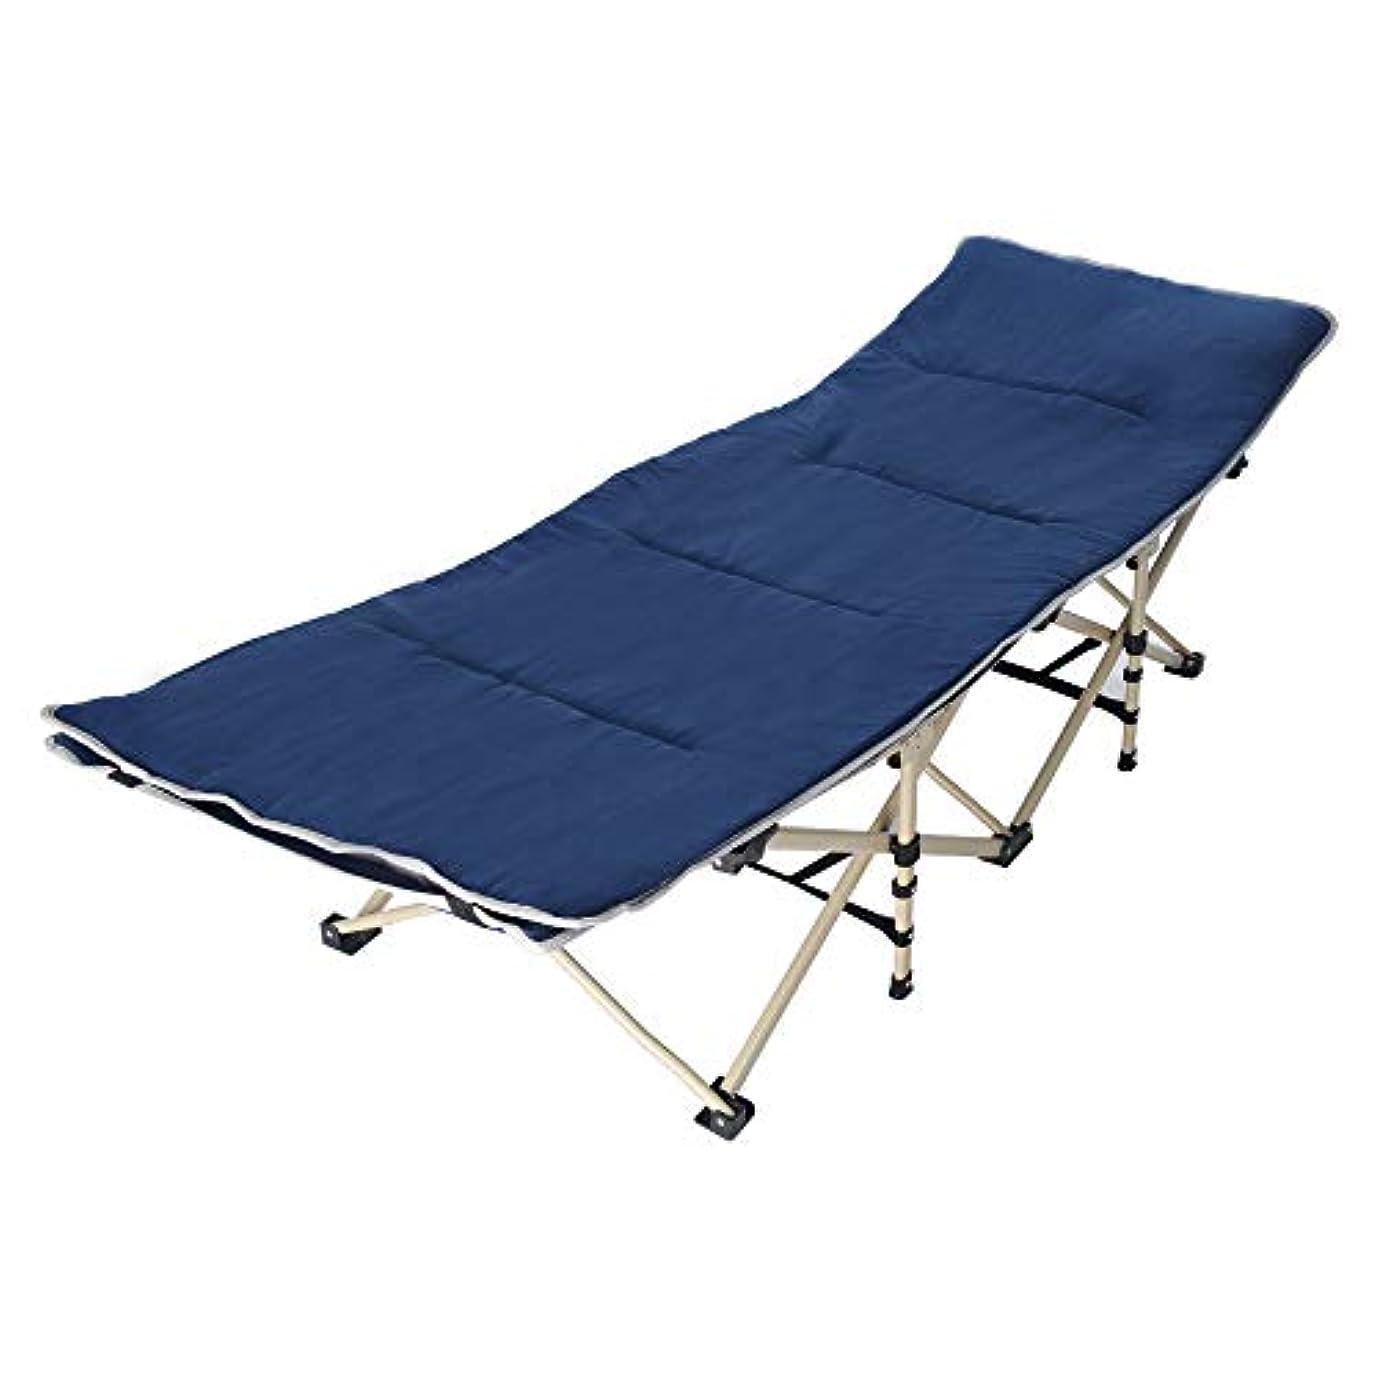 学生パラシュート刈り取るAnferstore 折りたたみ式 キャンプベッド 大人用 ポータブル 寝心地 ベッド オフィス ホーム 昼寝 ベッド 収納バッグ付き